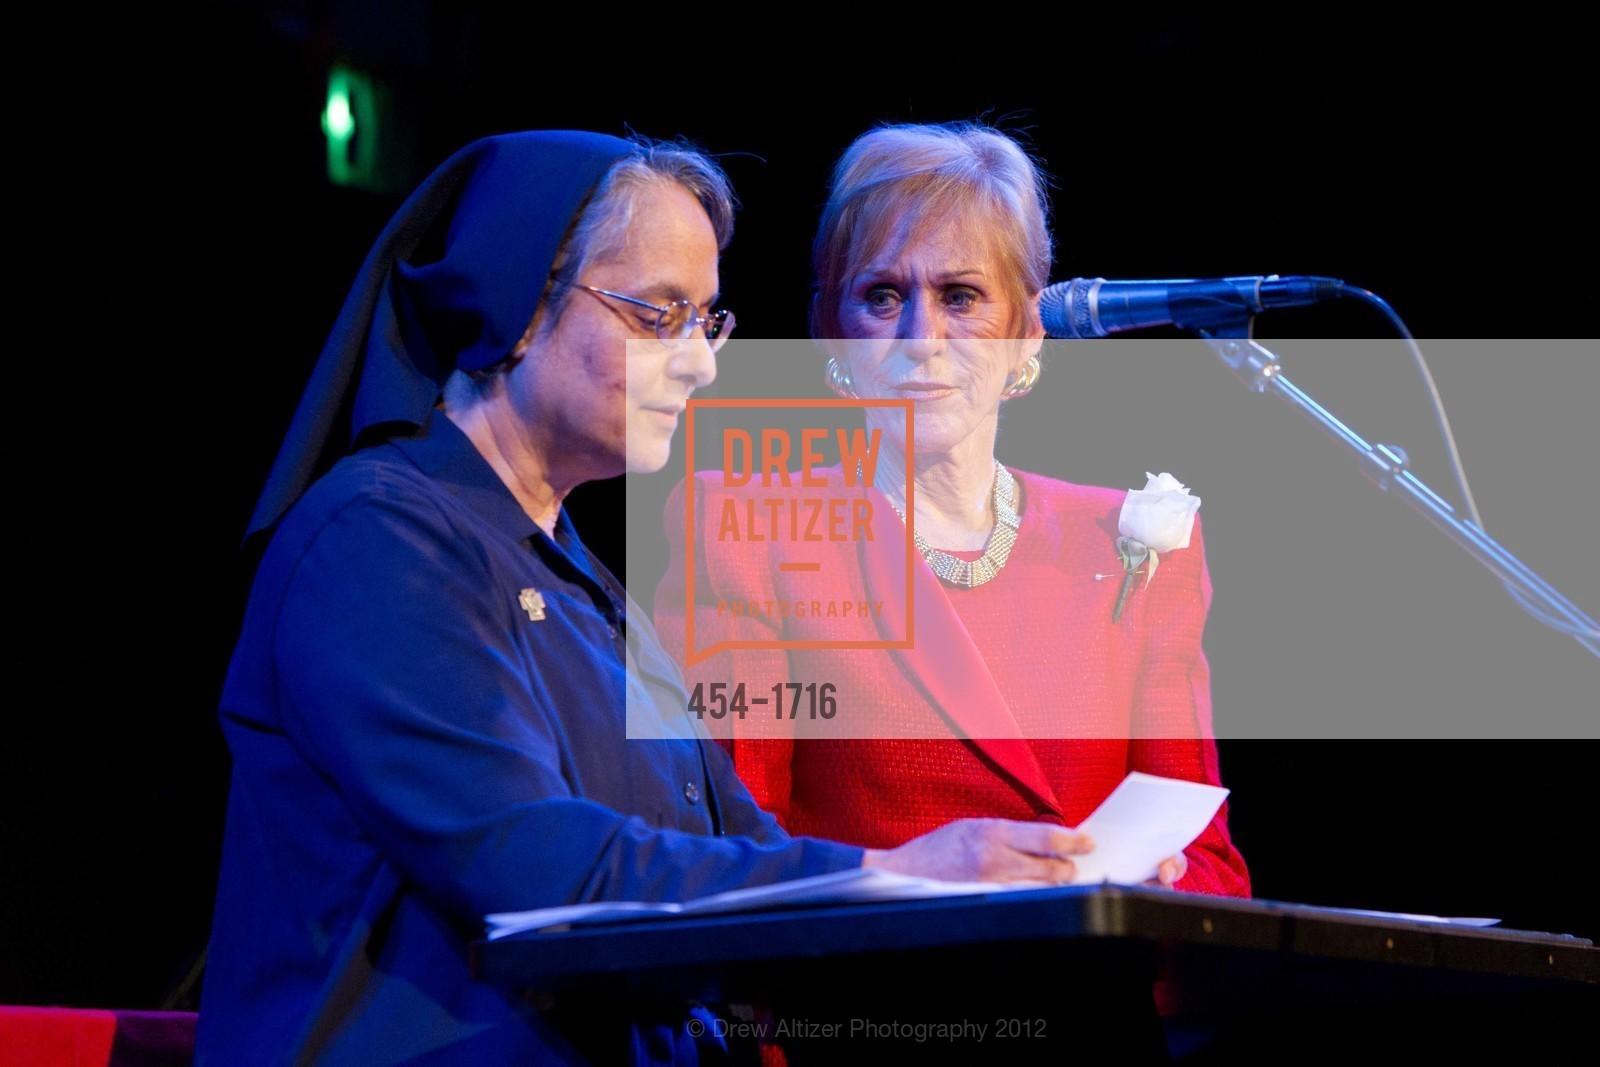 Sister Estela Morales, Brenda MacLean, Photo #454-1716